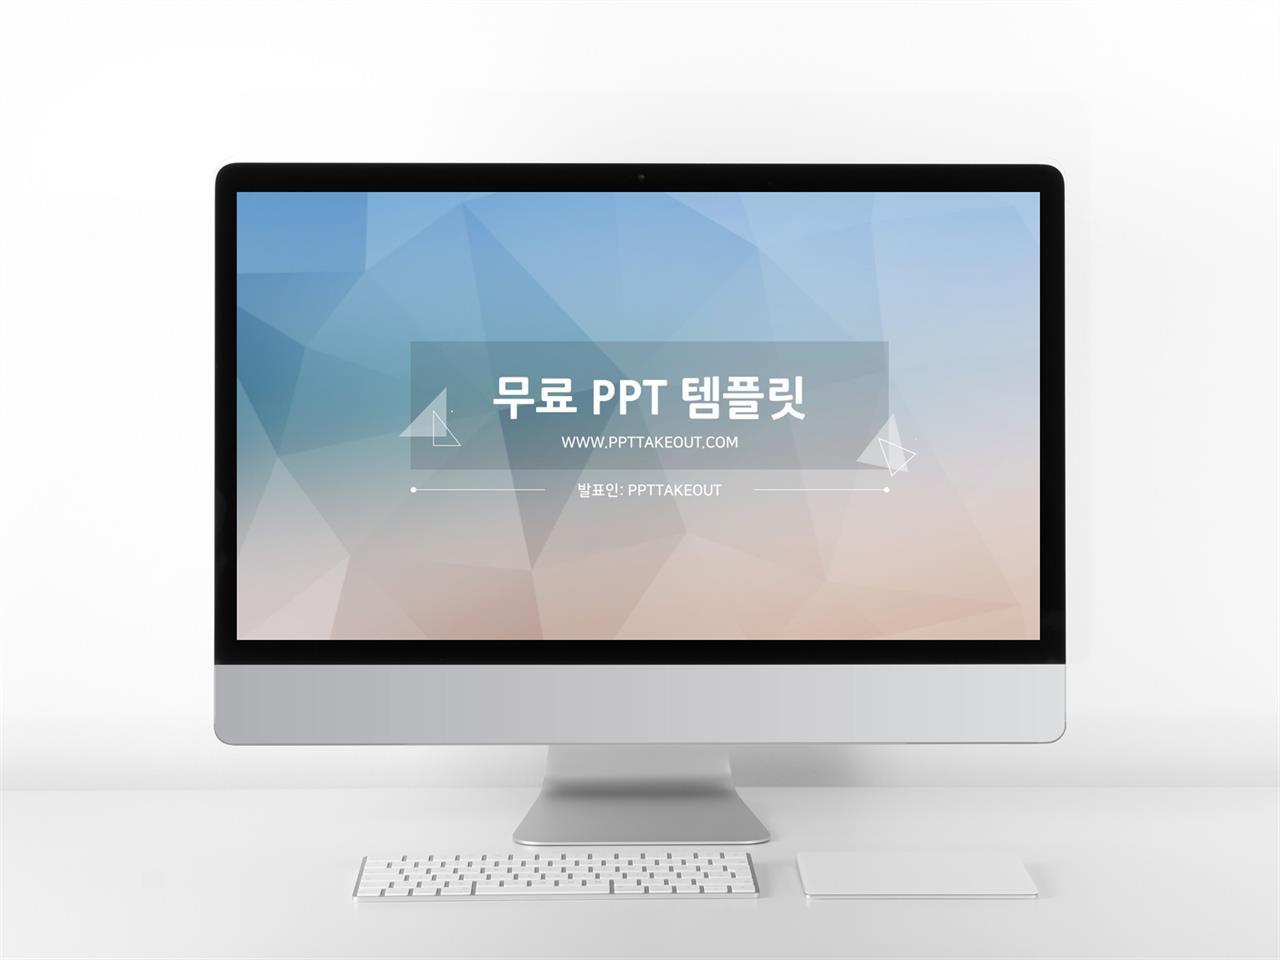 파랑색 단순한 프로급 무료 피피티템플릿 사이트 미리보기